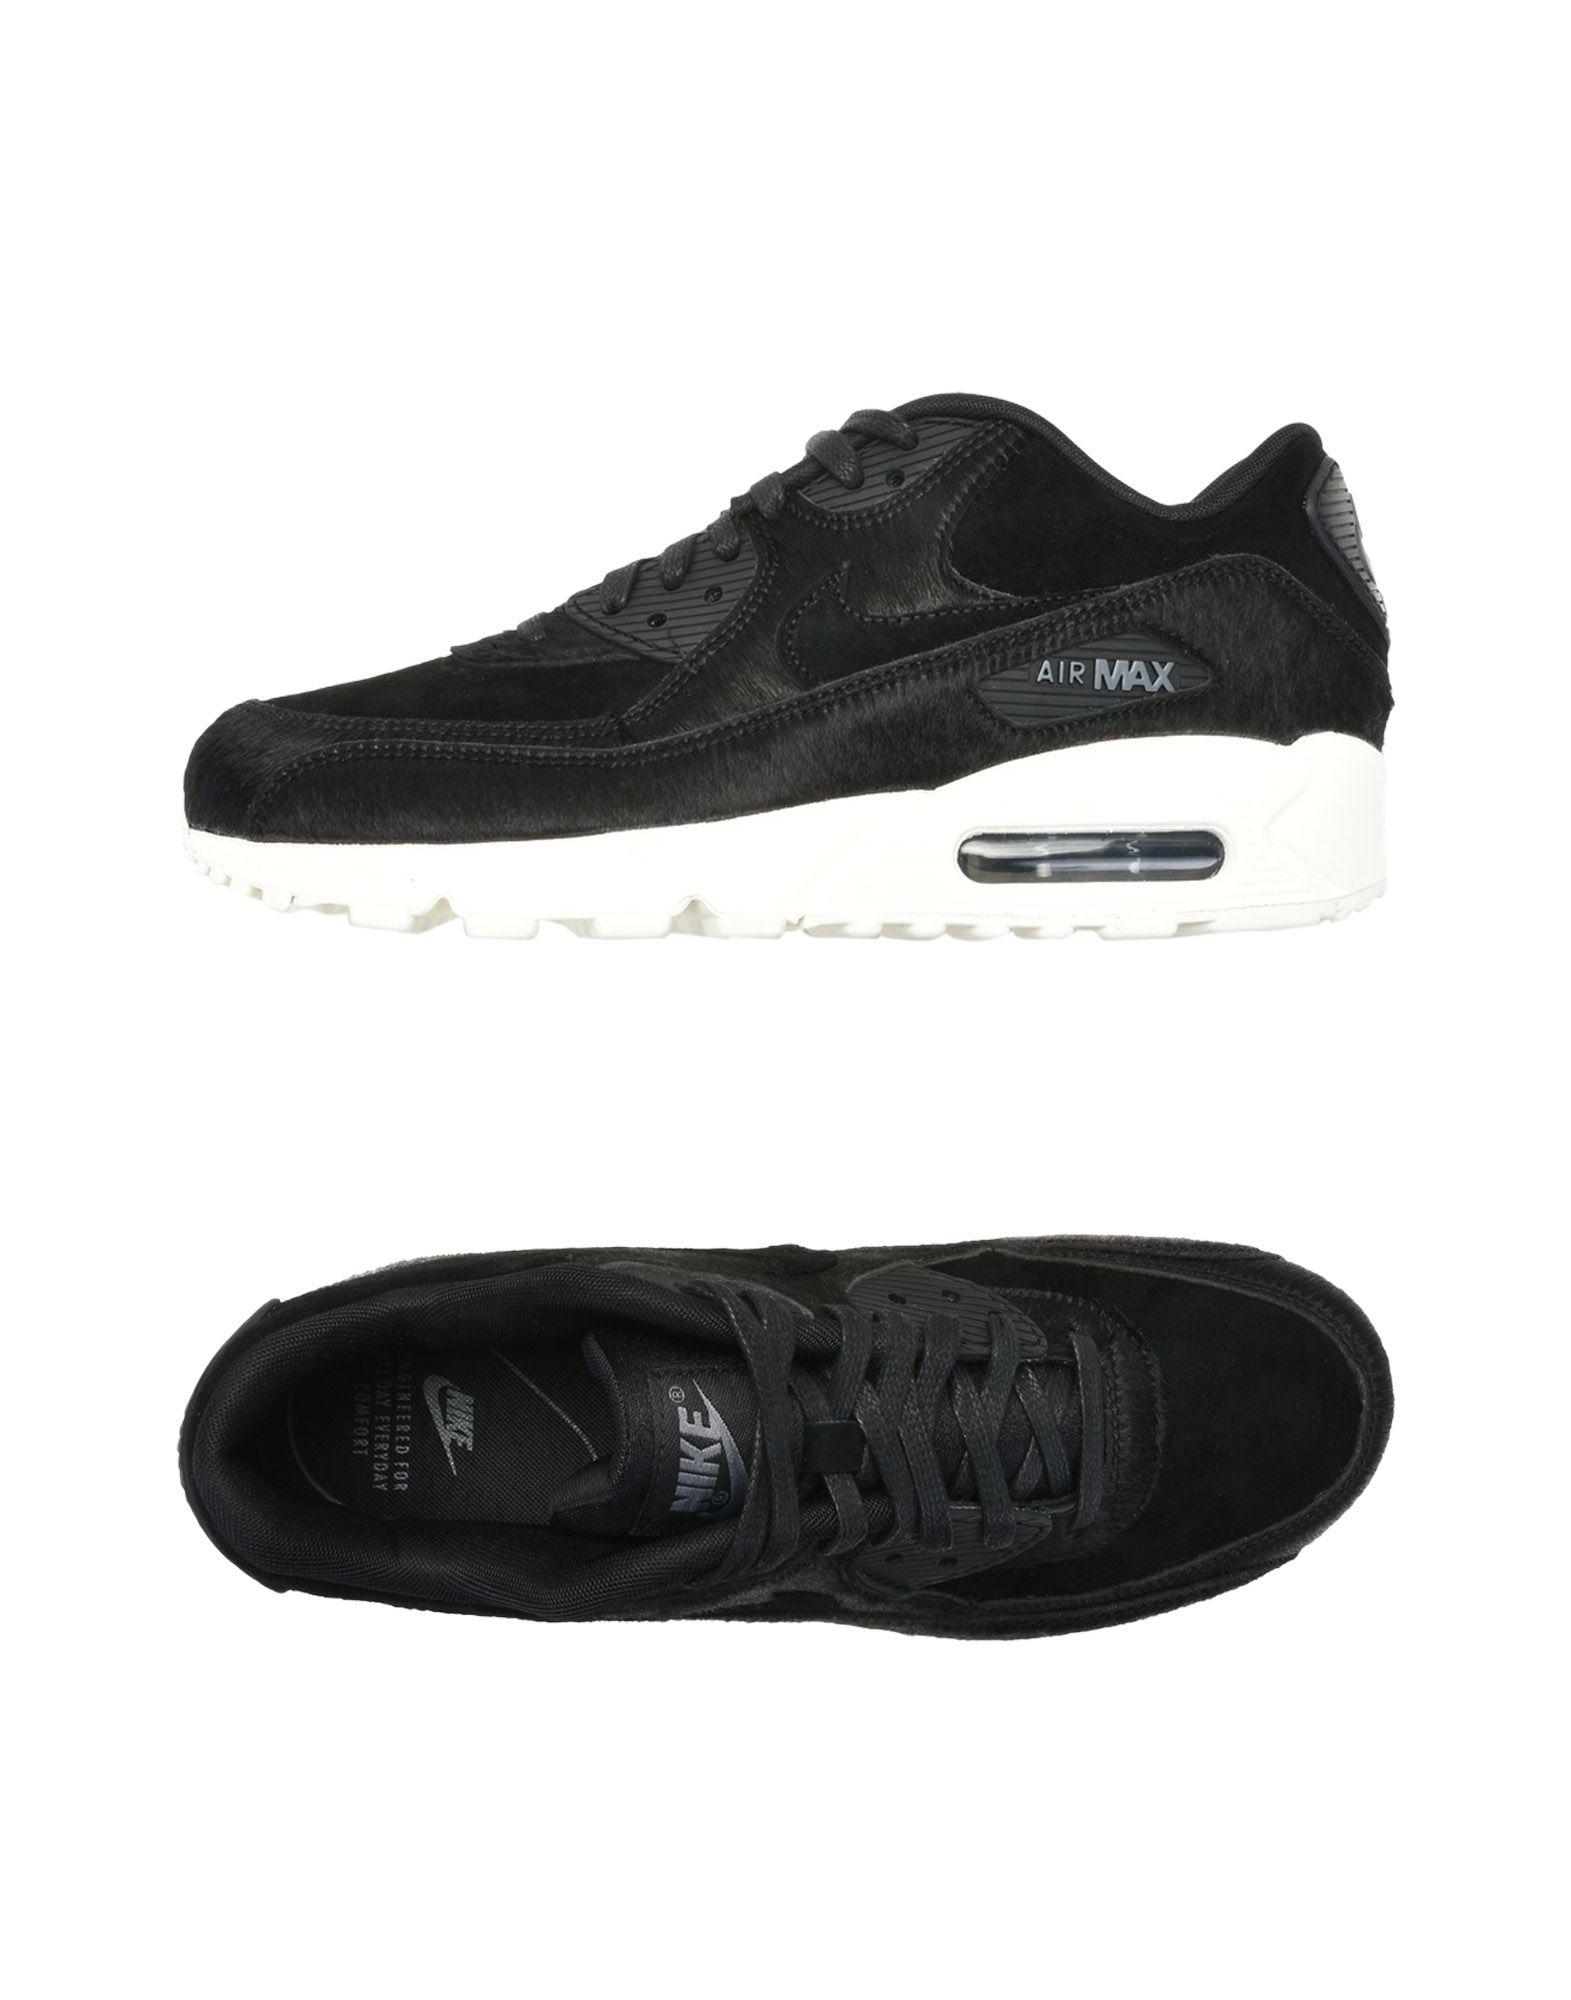 Scarpe Lx da Ginnastica Nike Wmns Air Max 90 Lx Scarpe - Donna - 11405476EW e813c5